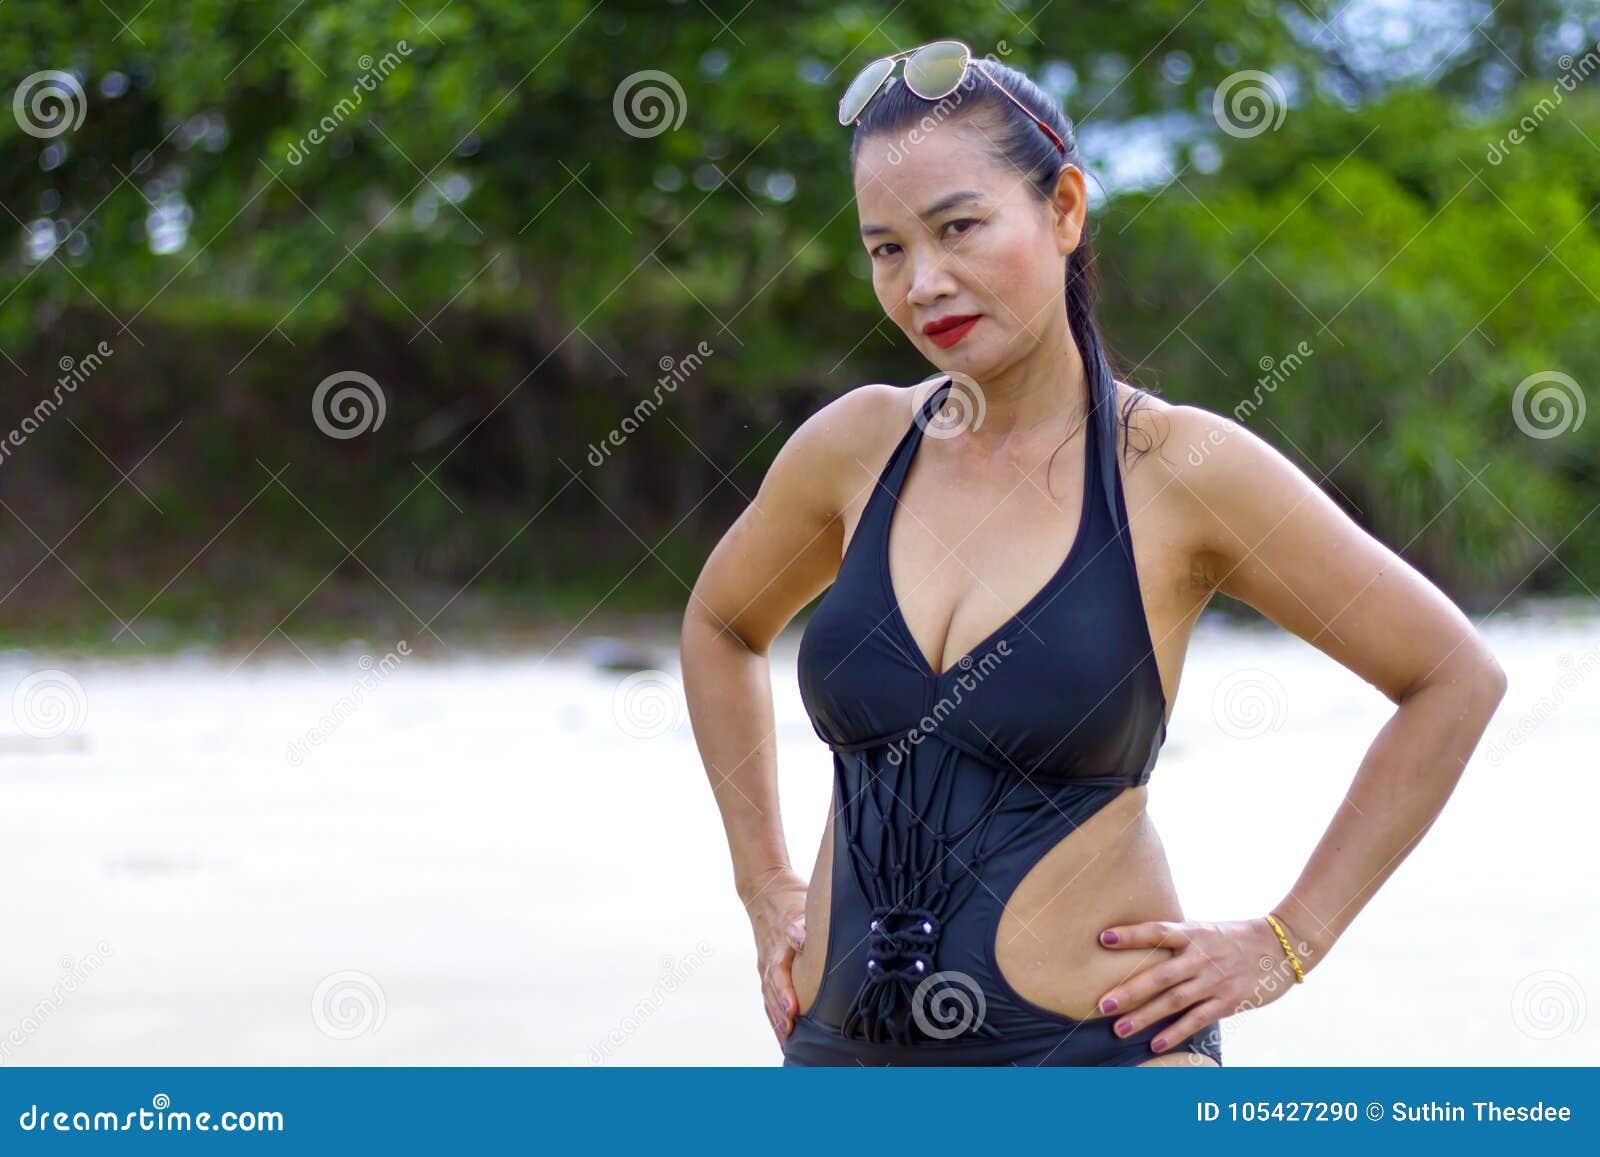 Black mama bikini